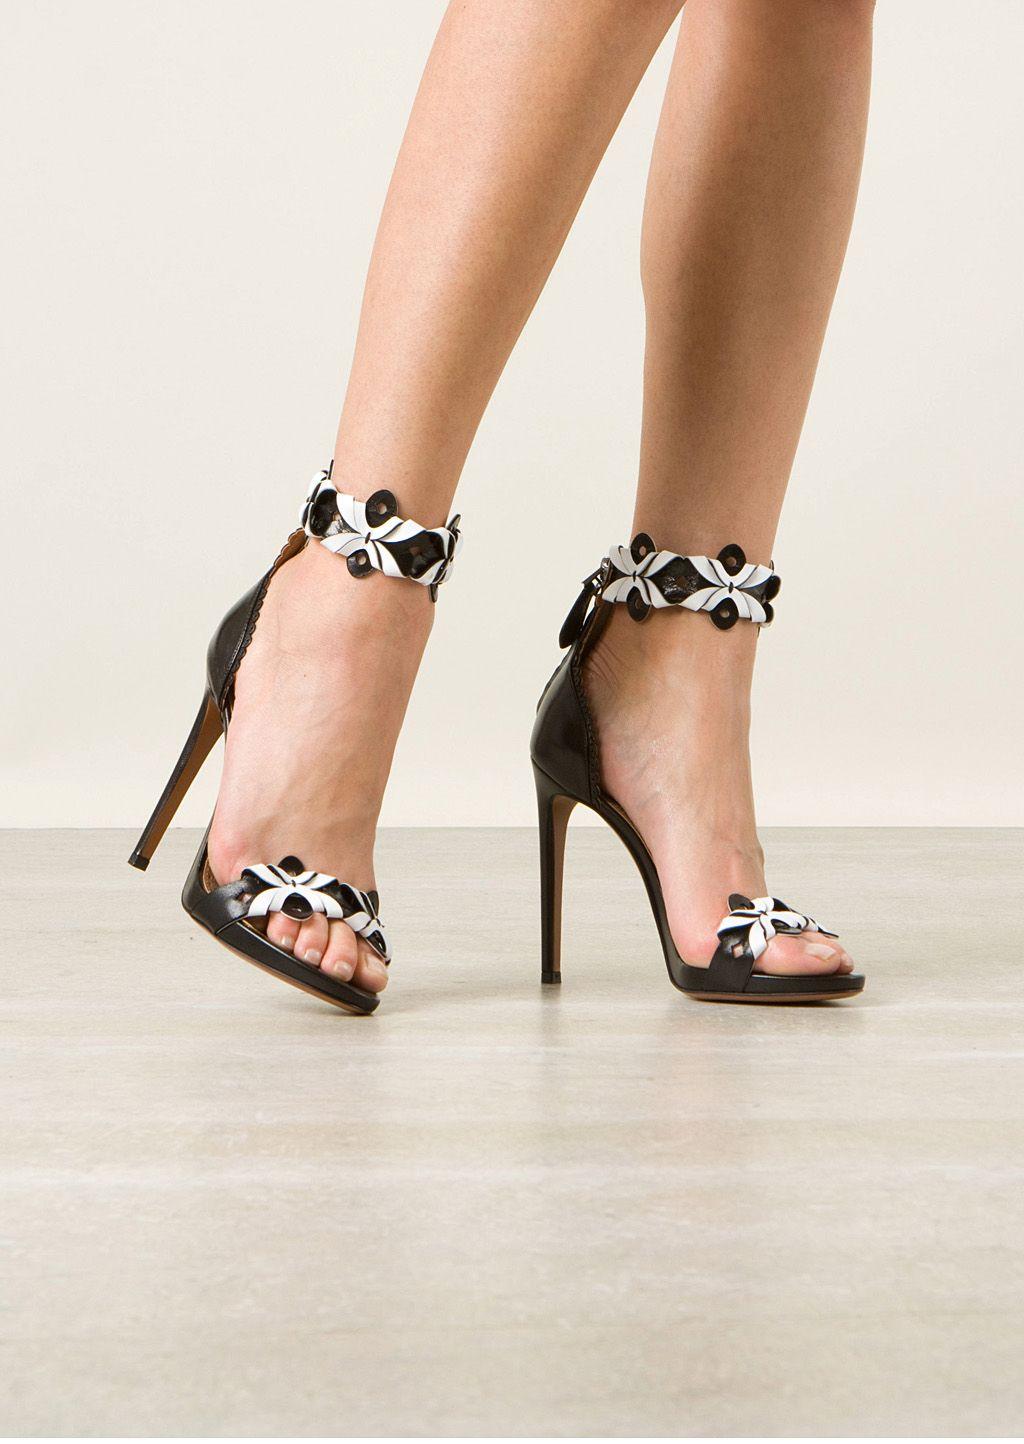 Azzedine Alaïa Sandals :: Azzedine Alaïa black and white leather cutout sandals | Montaigne Market